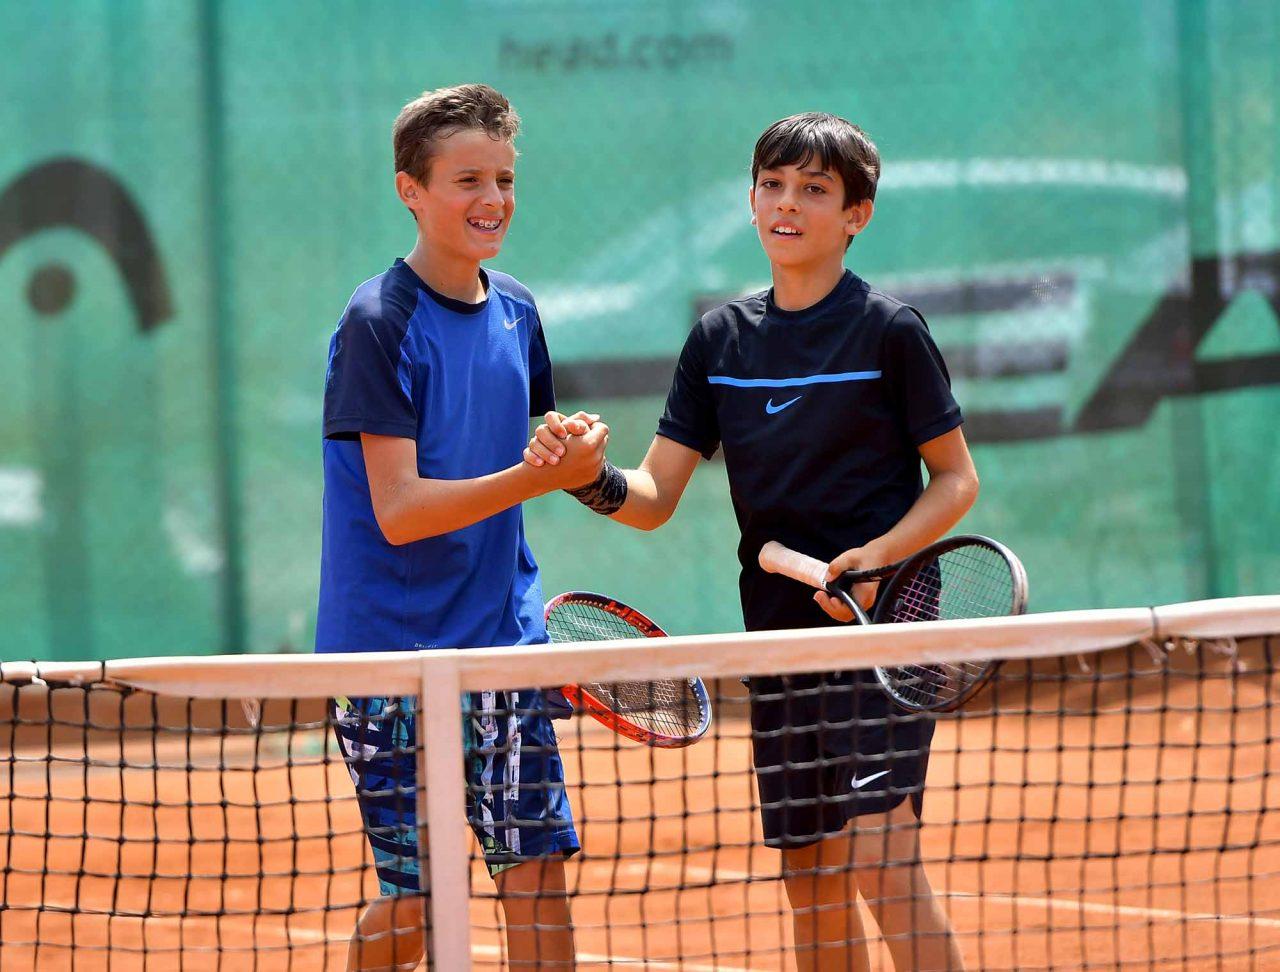 Държавно първенство тенис до 14 год. ТК 15-40 финал двойки (35)